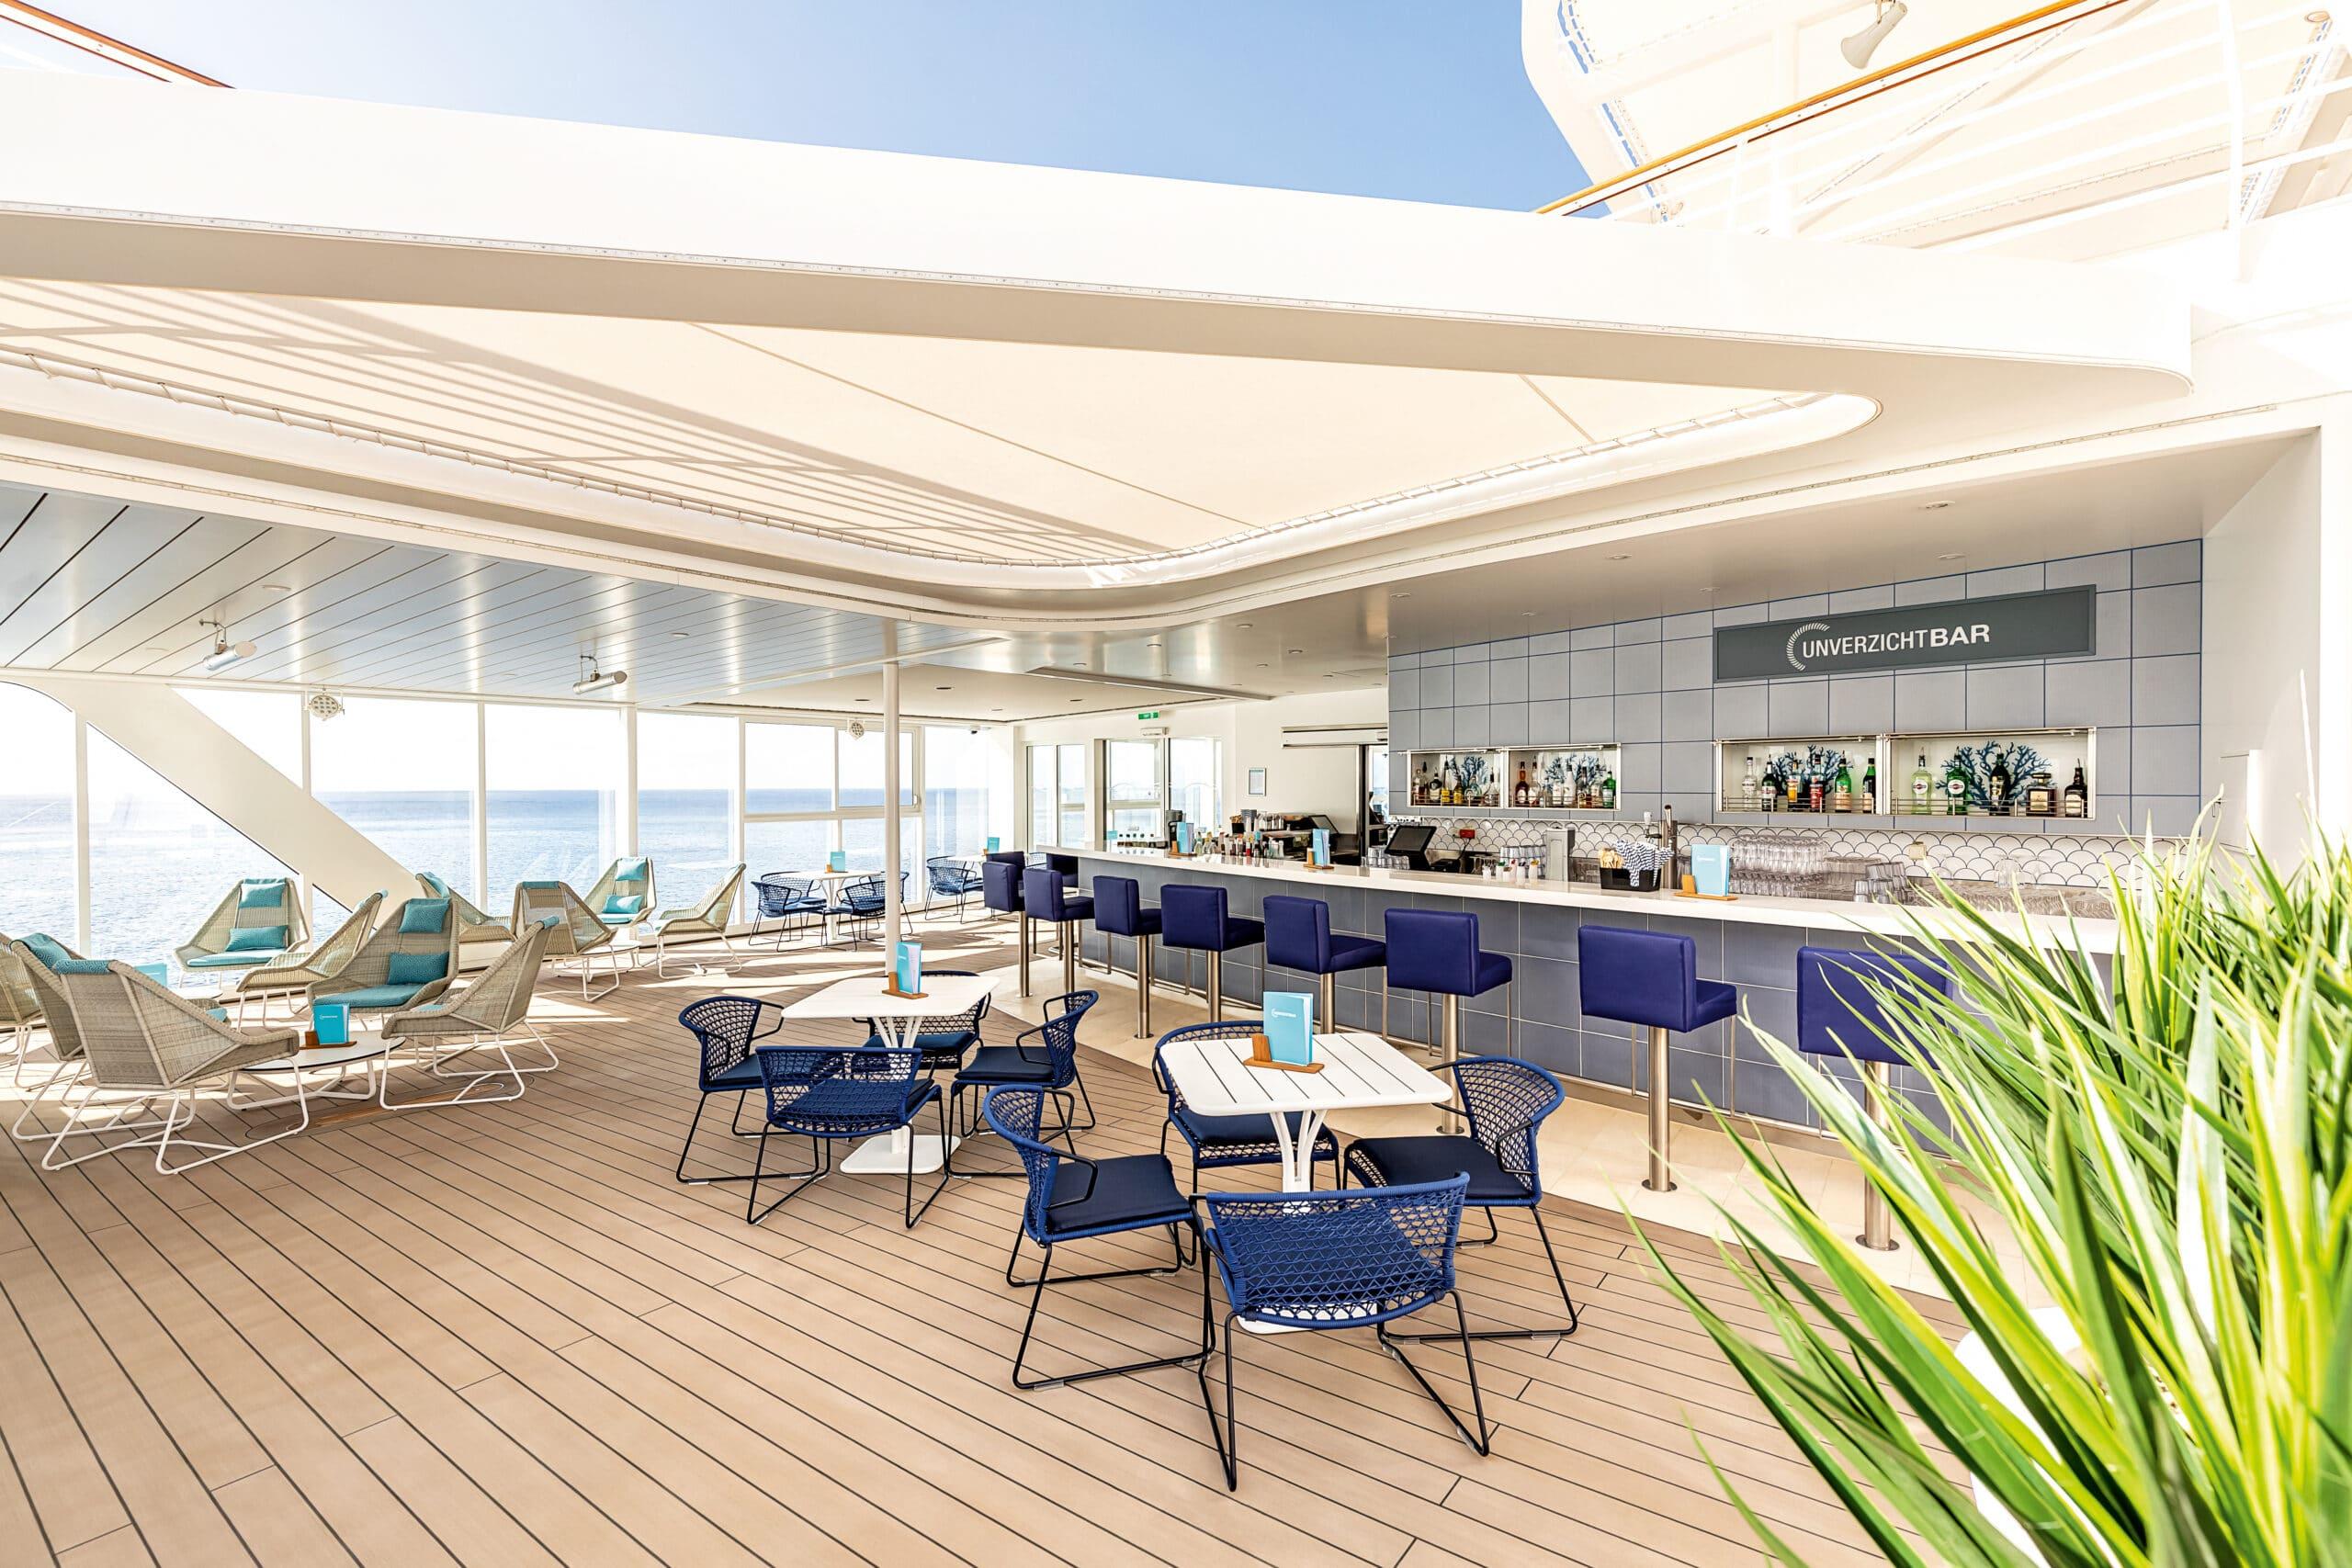 Cruiseschip-Mein Schiff 1-Mein Schiff2-TUI Cruises-Bar